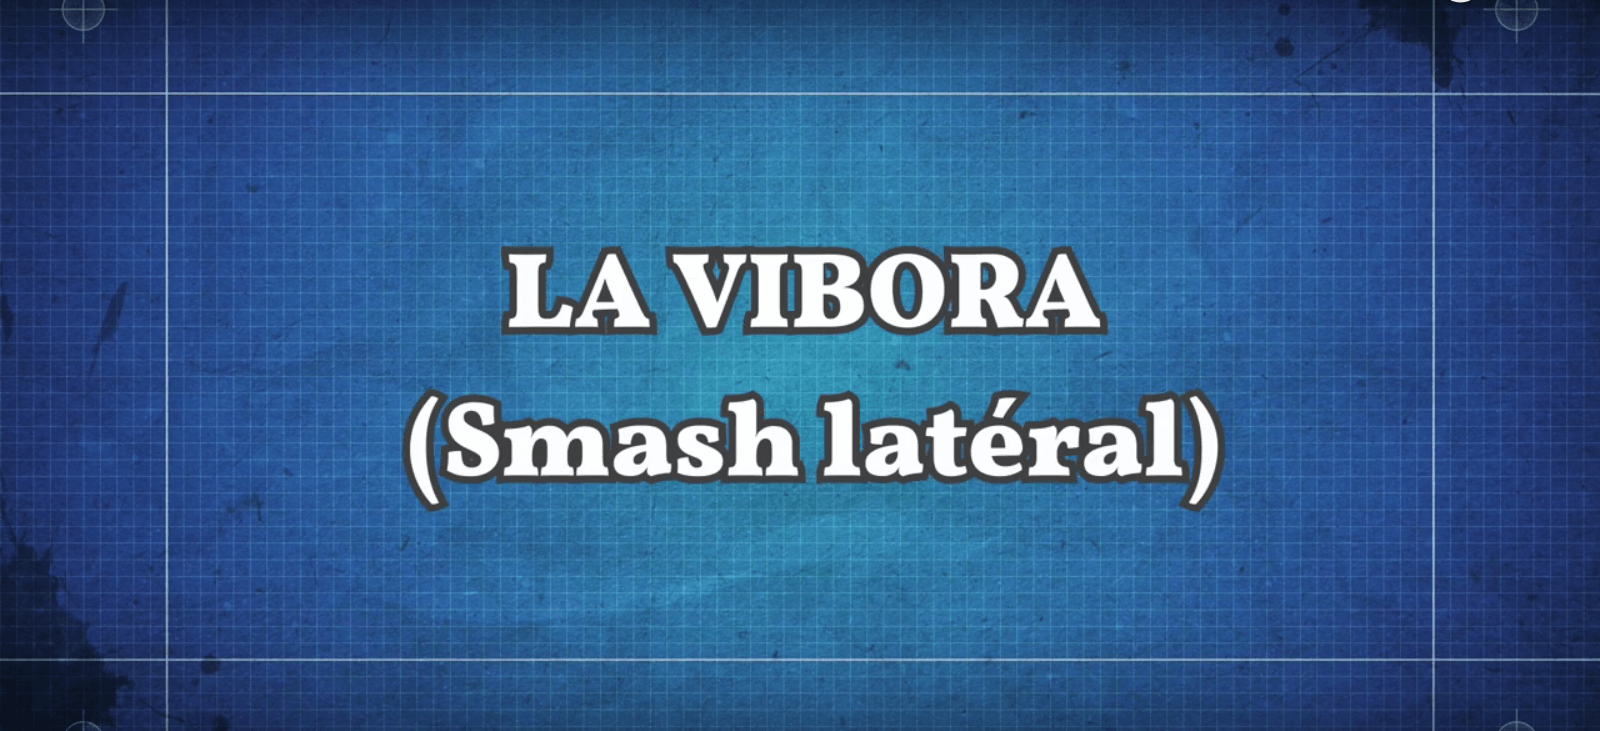 La vibora (Smash latéral)